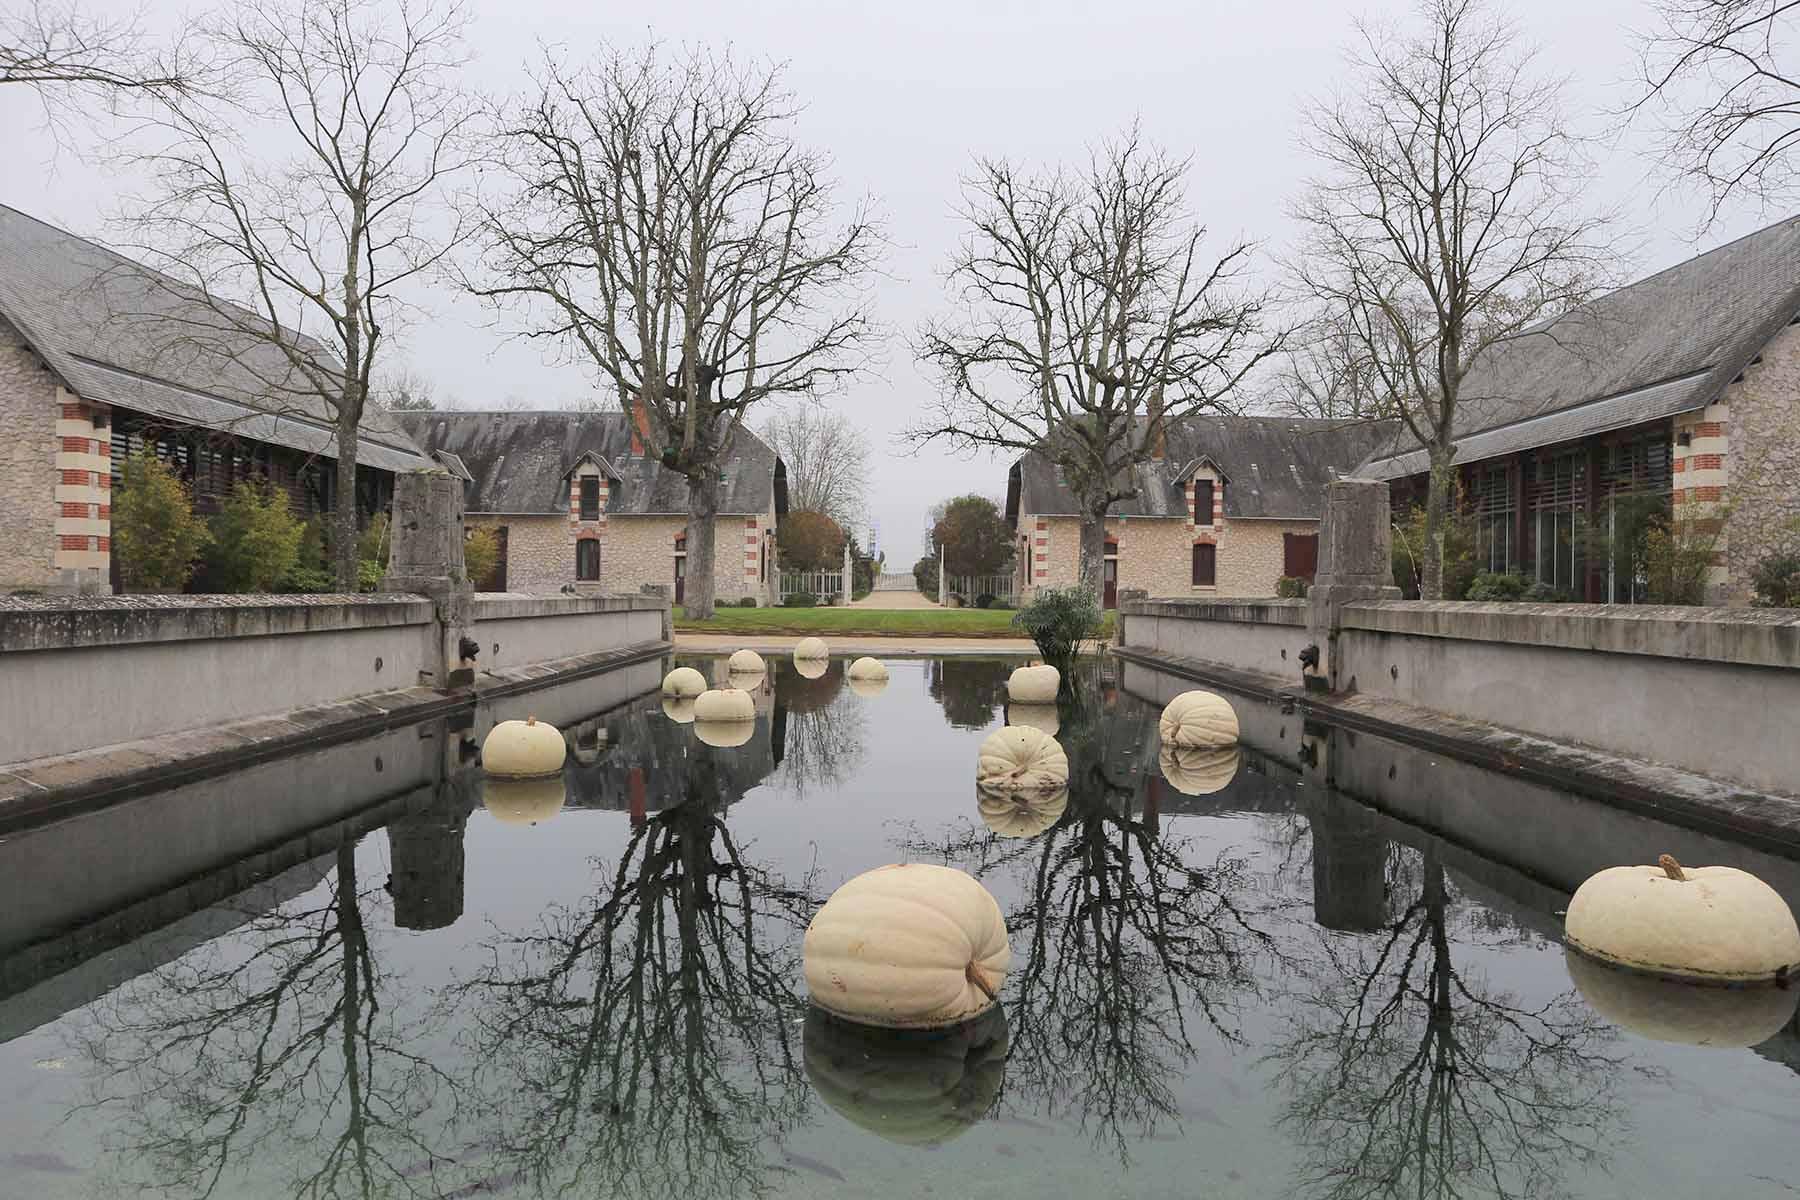 Chaumont-sur-Loire. Marie-Charlotte-Constance Say ließ die Stallungen und den Musterbauernhof des Schlossguts 1877 durch den Architekten Paul-Ernest Sanson errichten. Sie galten Ende des 19. Jahrhunderts als die luxuriösesten und modernsten Europas.